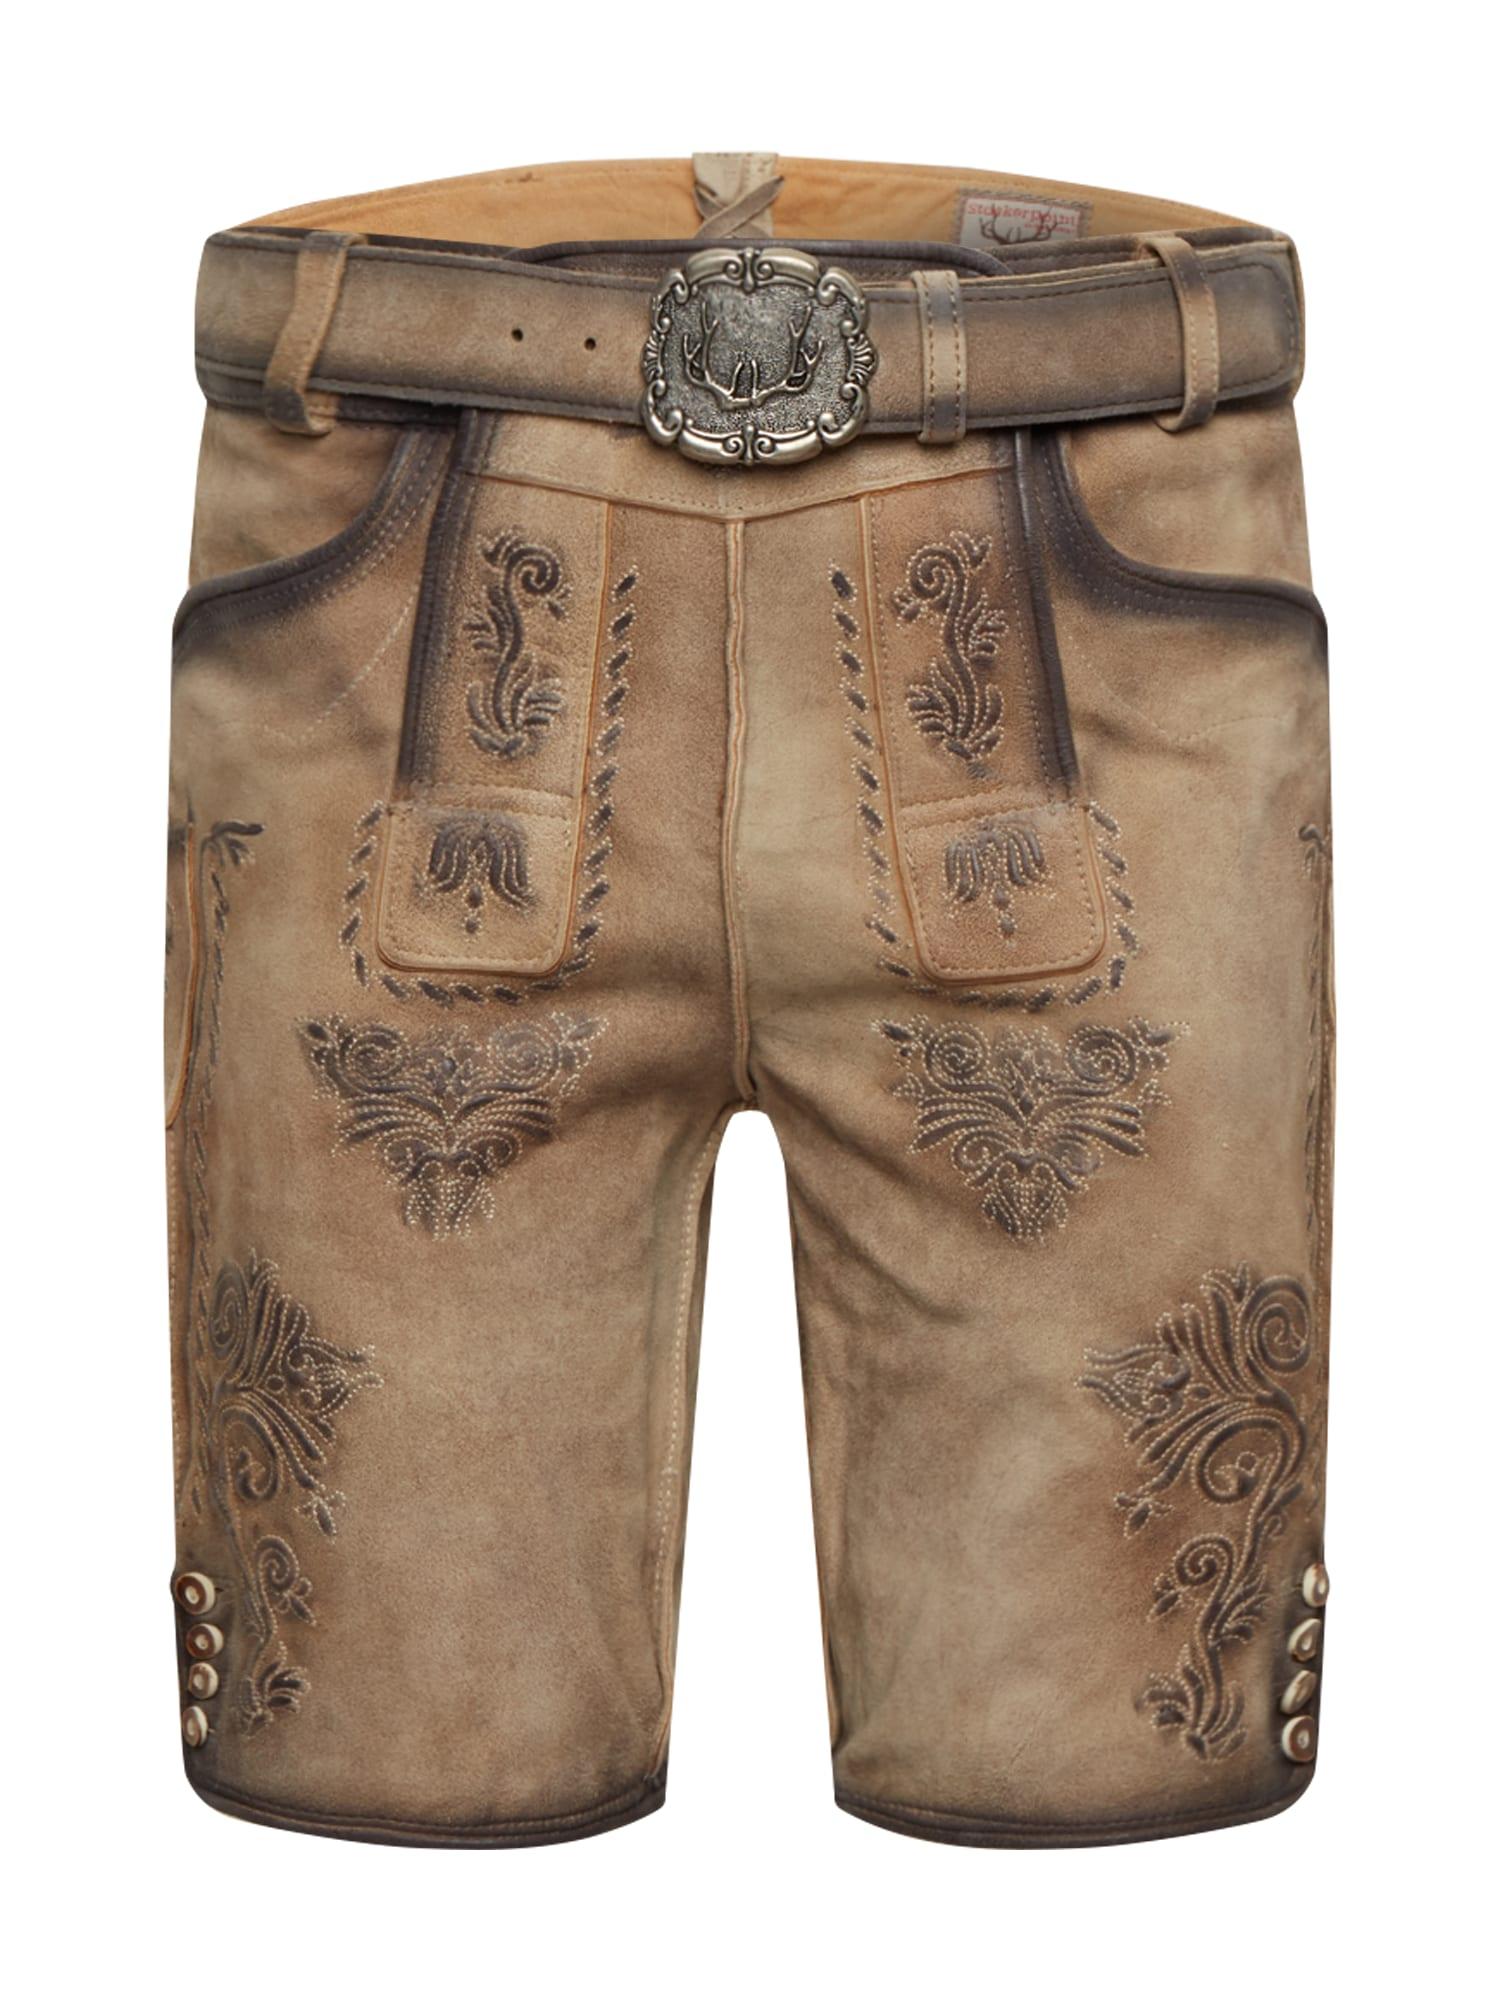 - CONTRAER - Kelnės su tradiciniais raštais 'Andreas' smėlio